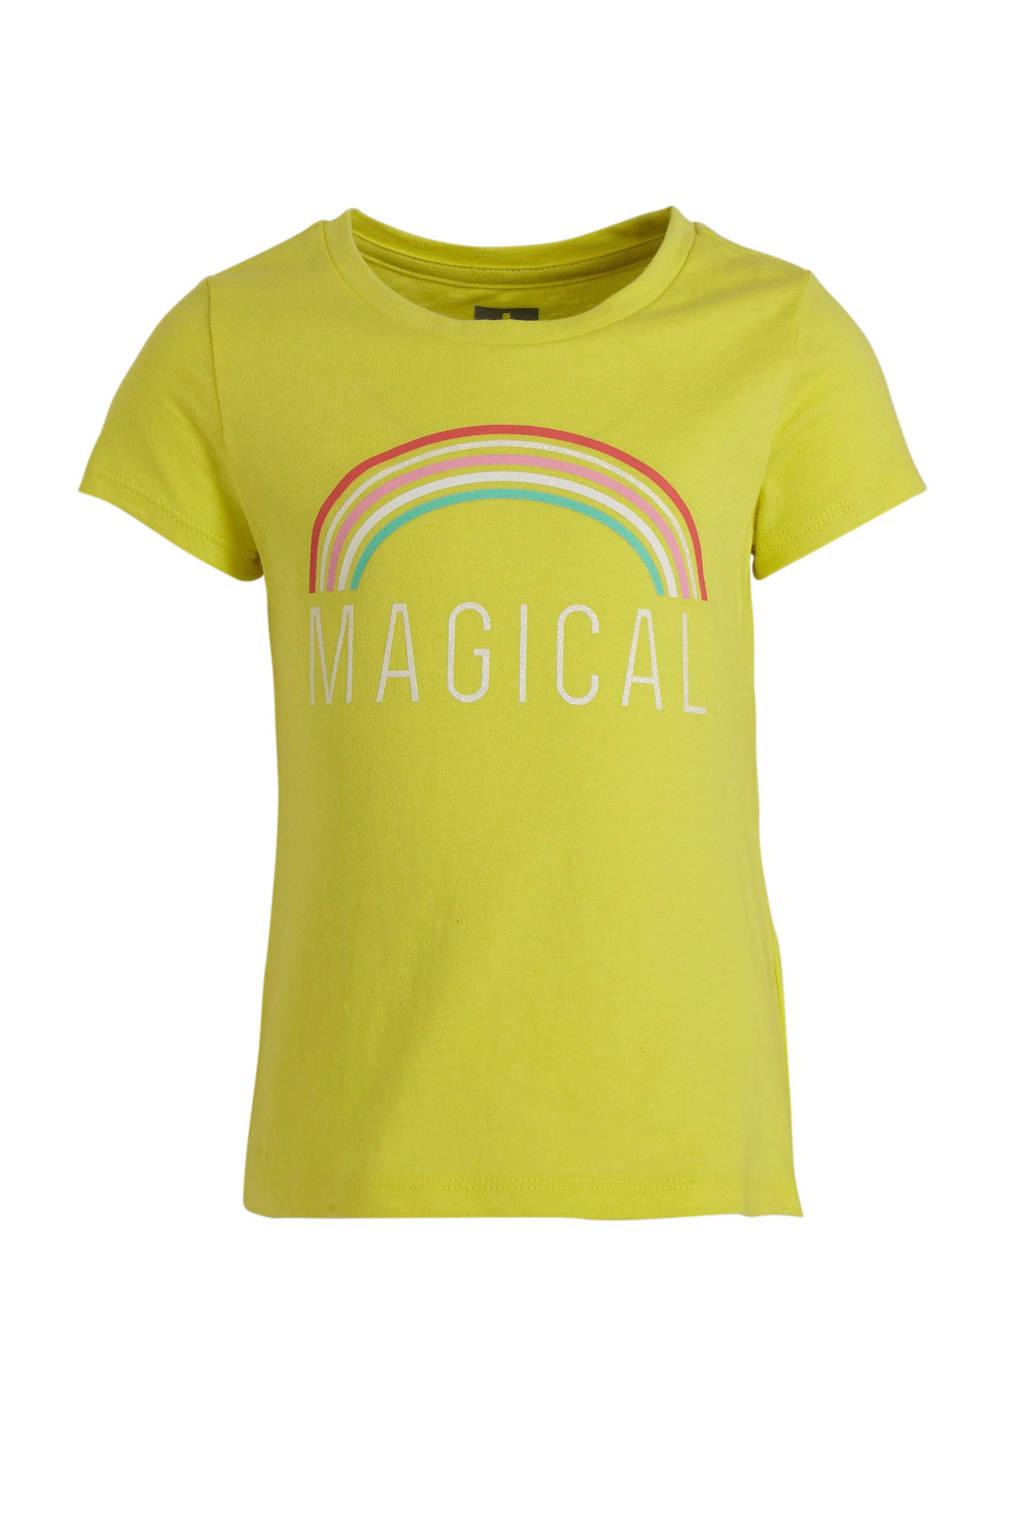 GAP T-shirt met printopdruk en glitters limegroen, Limegroen